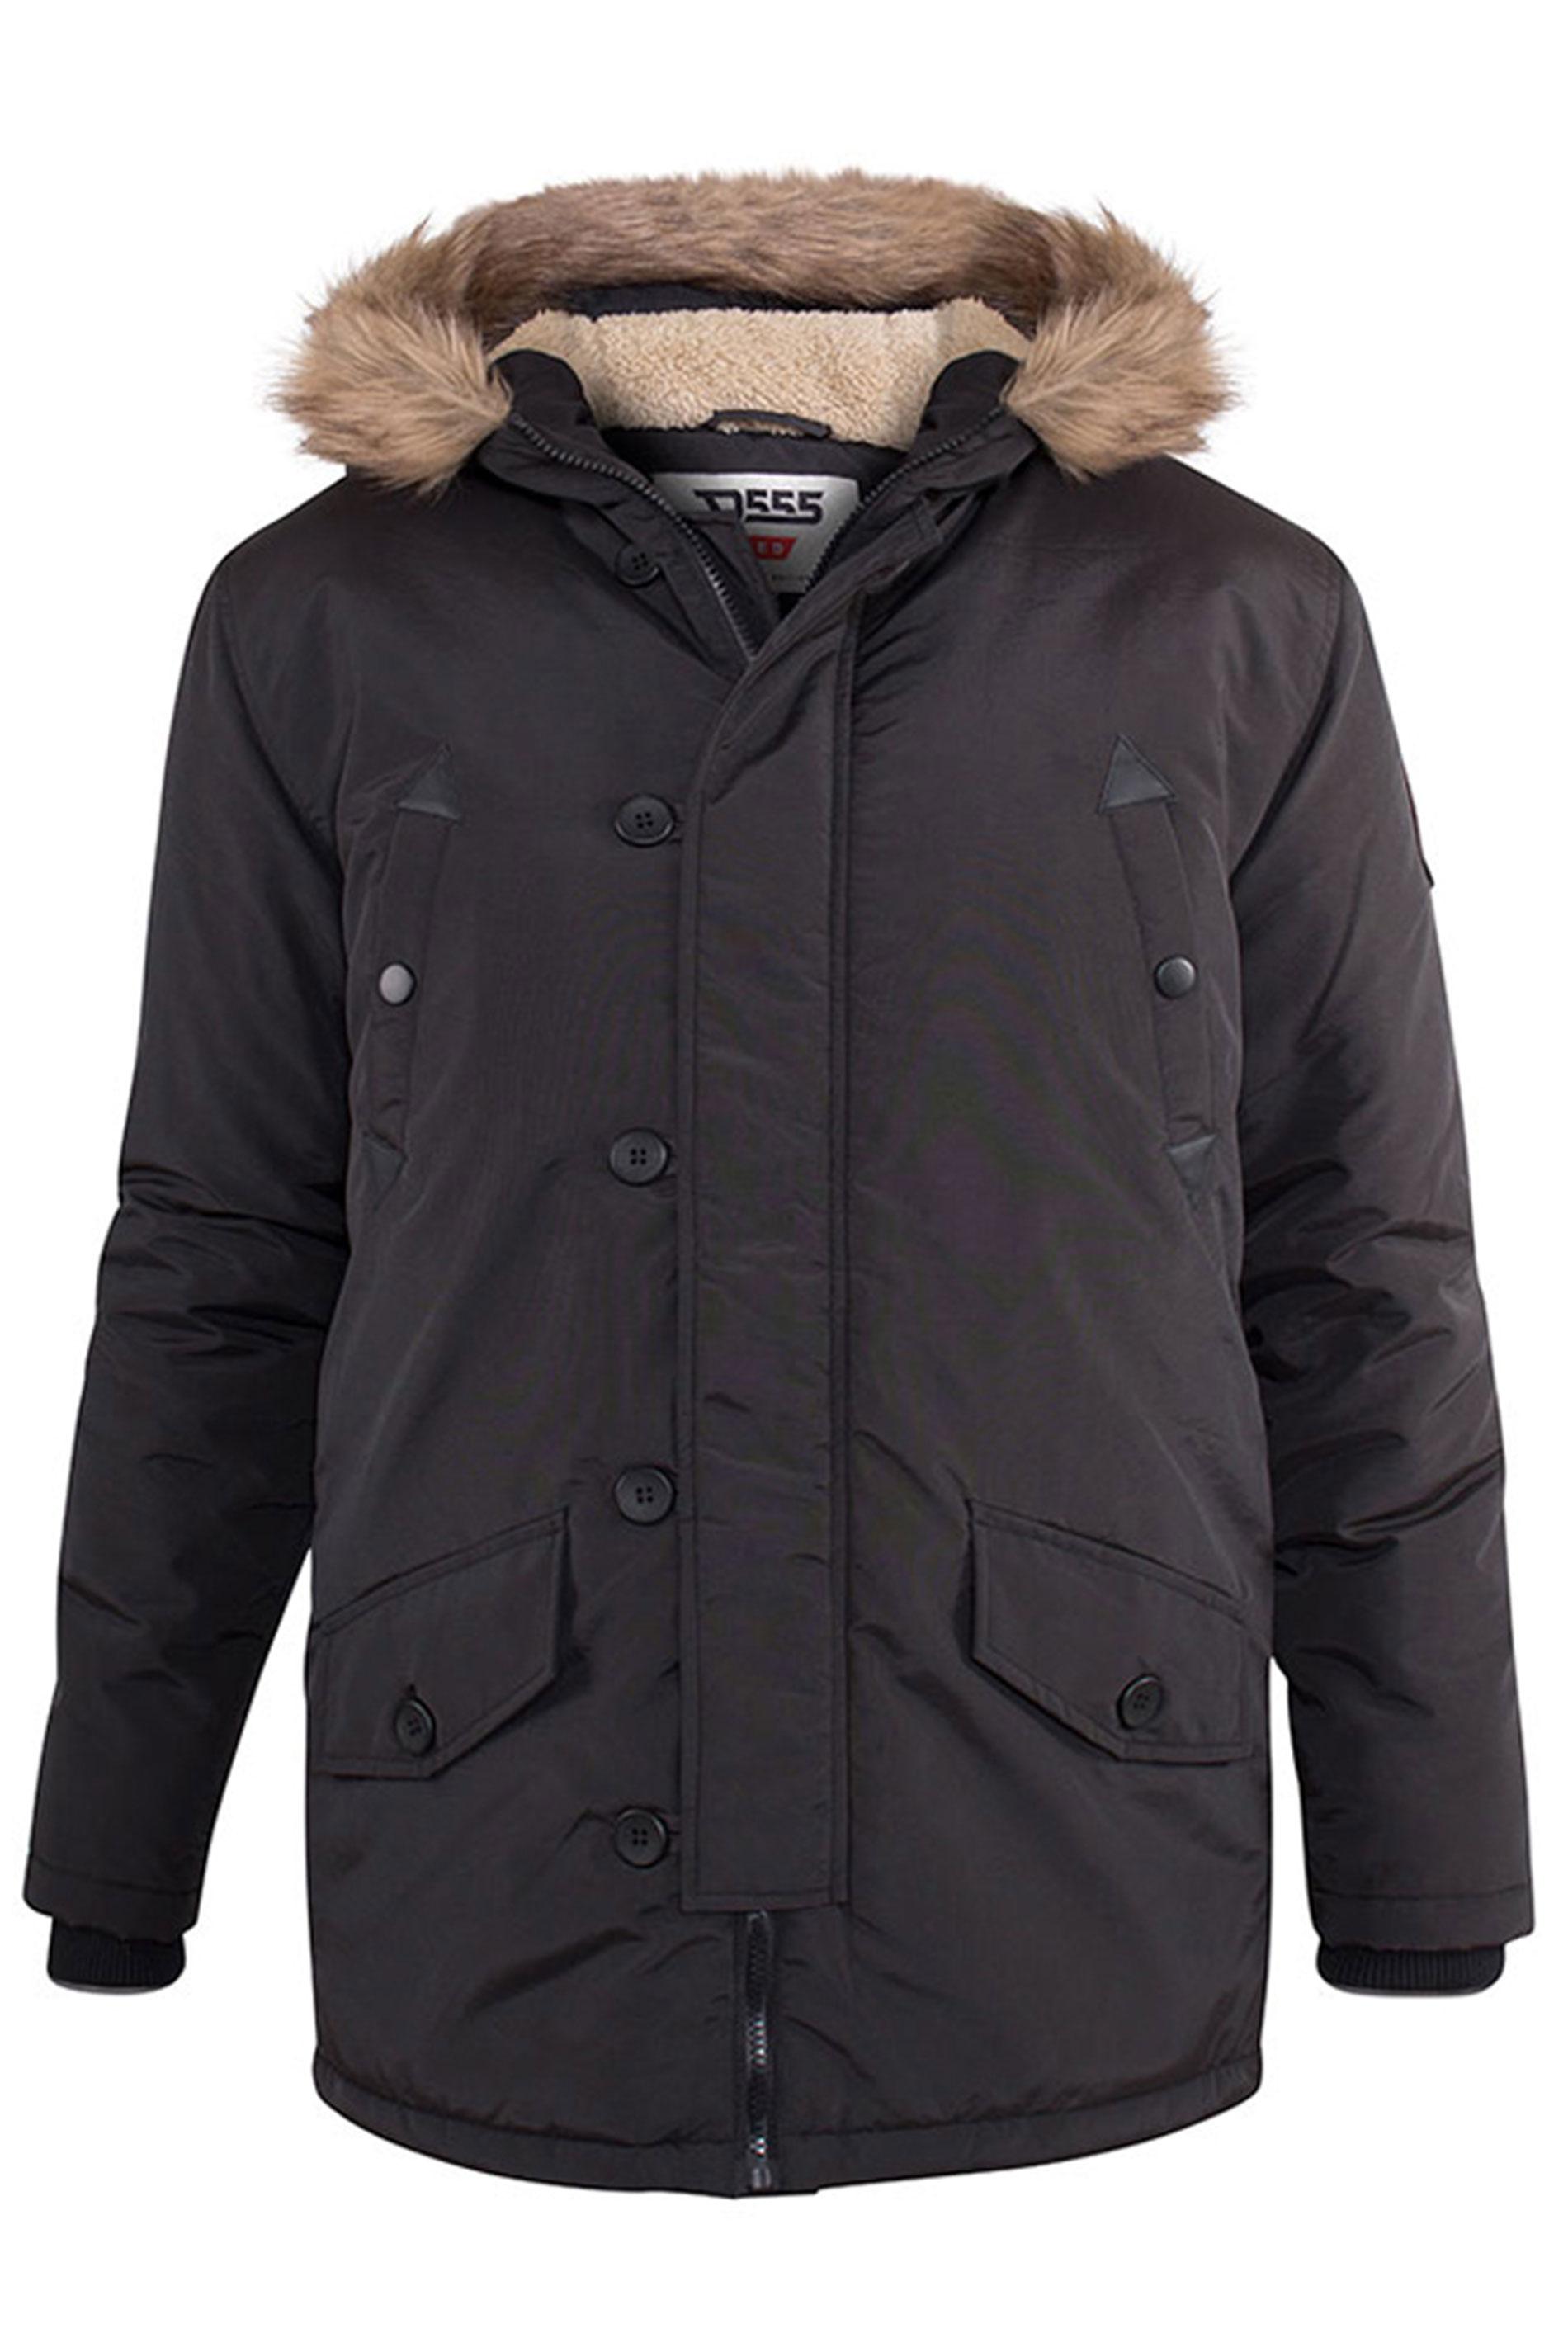 D555 Black Dundee Parka Jacket